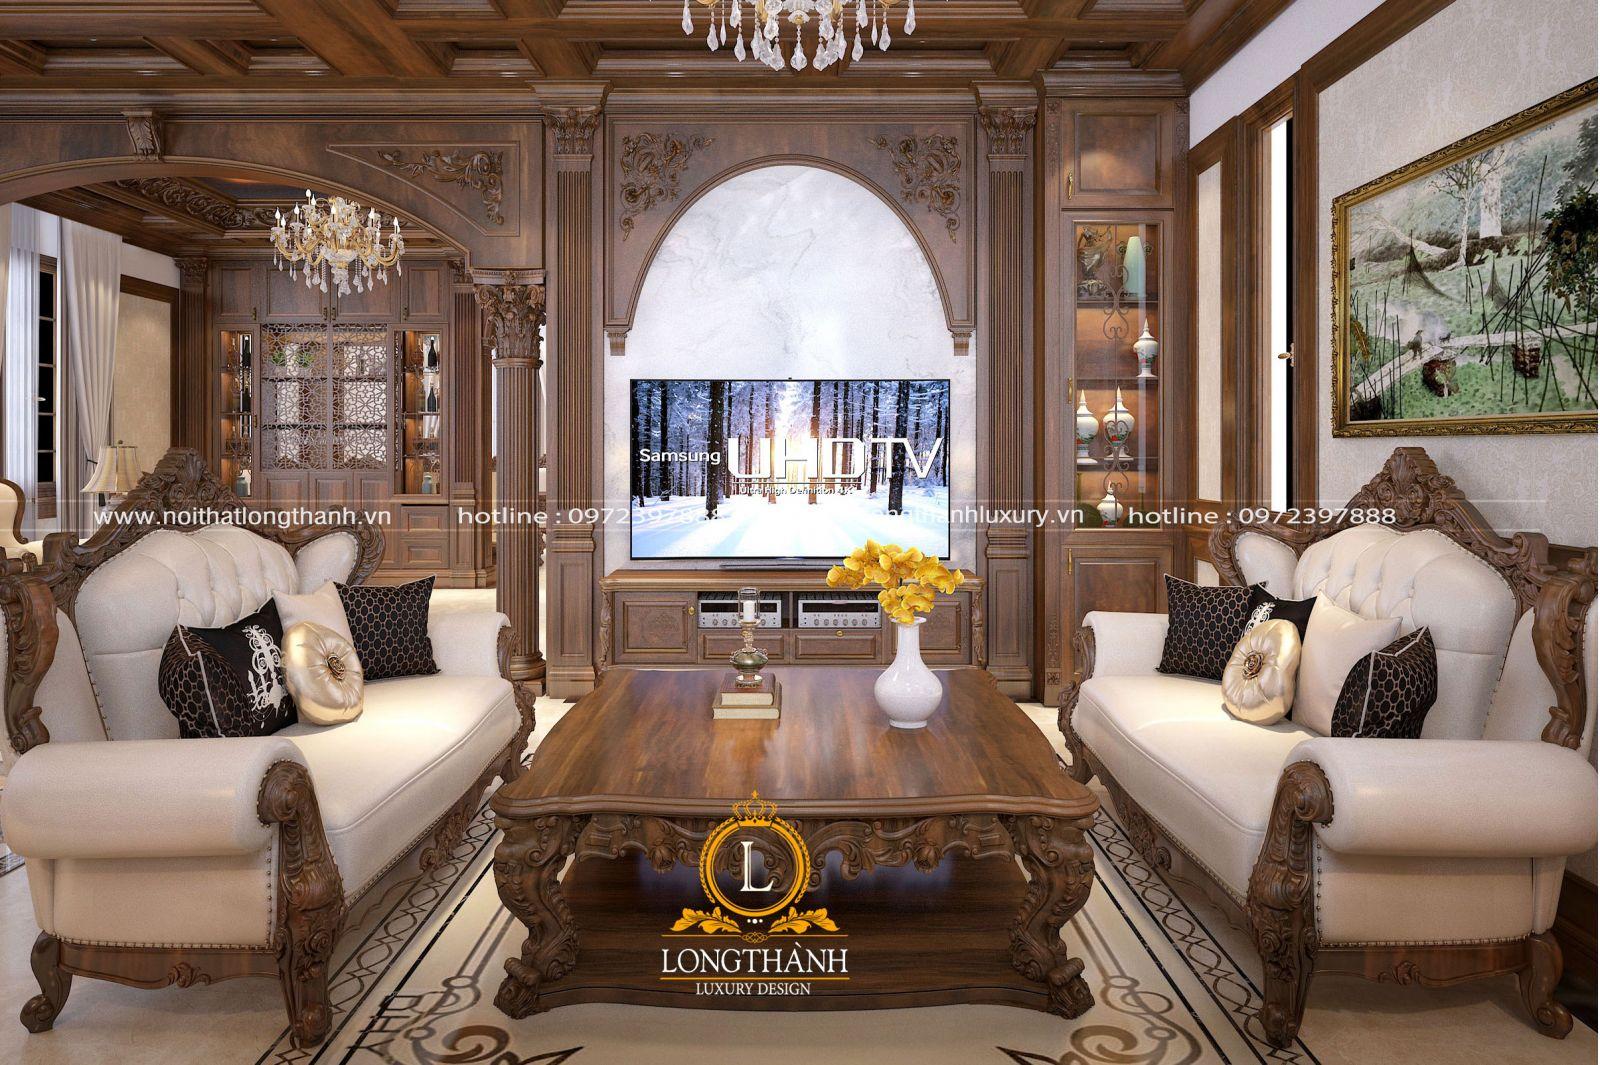 Nội thất phòng khách biệt thự được sử dụng hoàn toàn chất liệu gỗ tự nhiên cao cấp